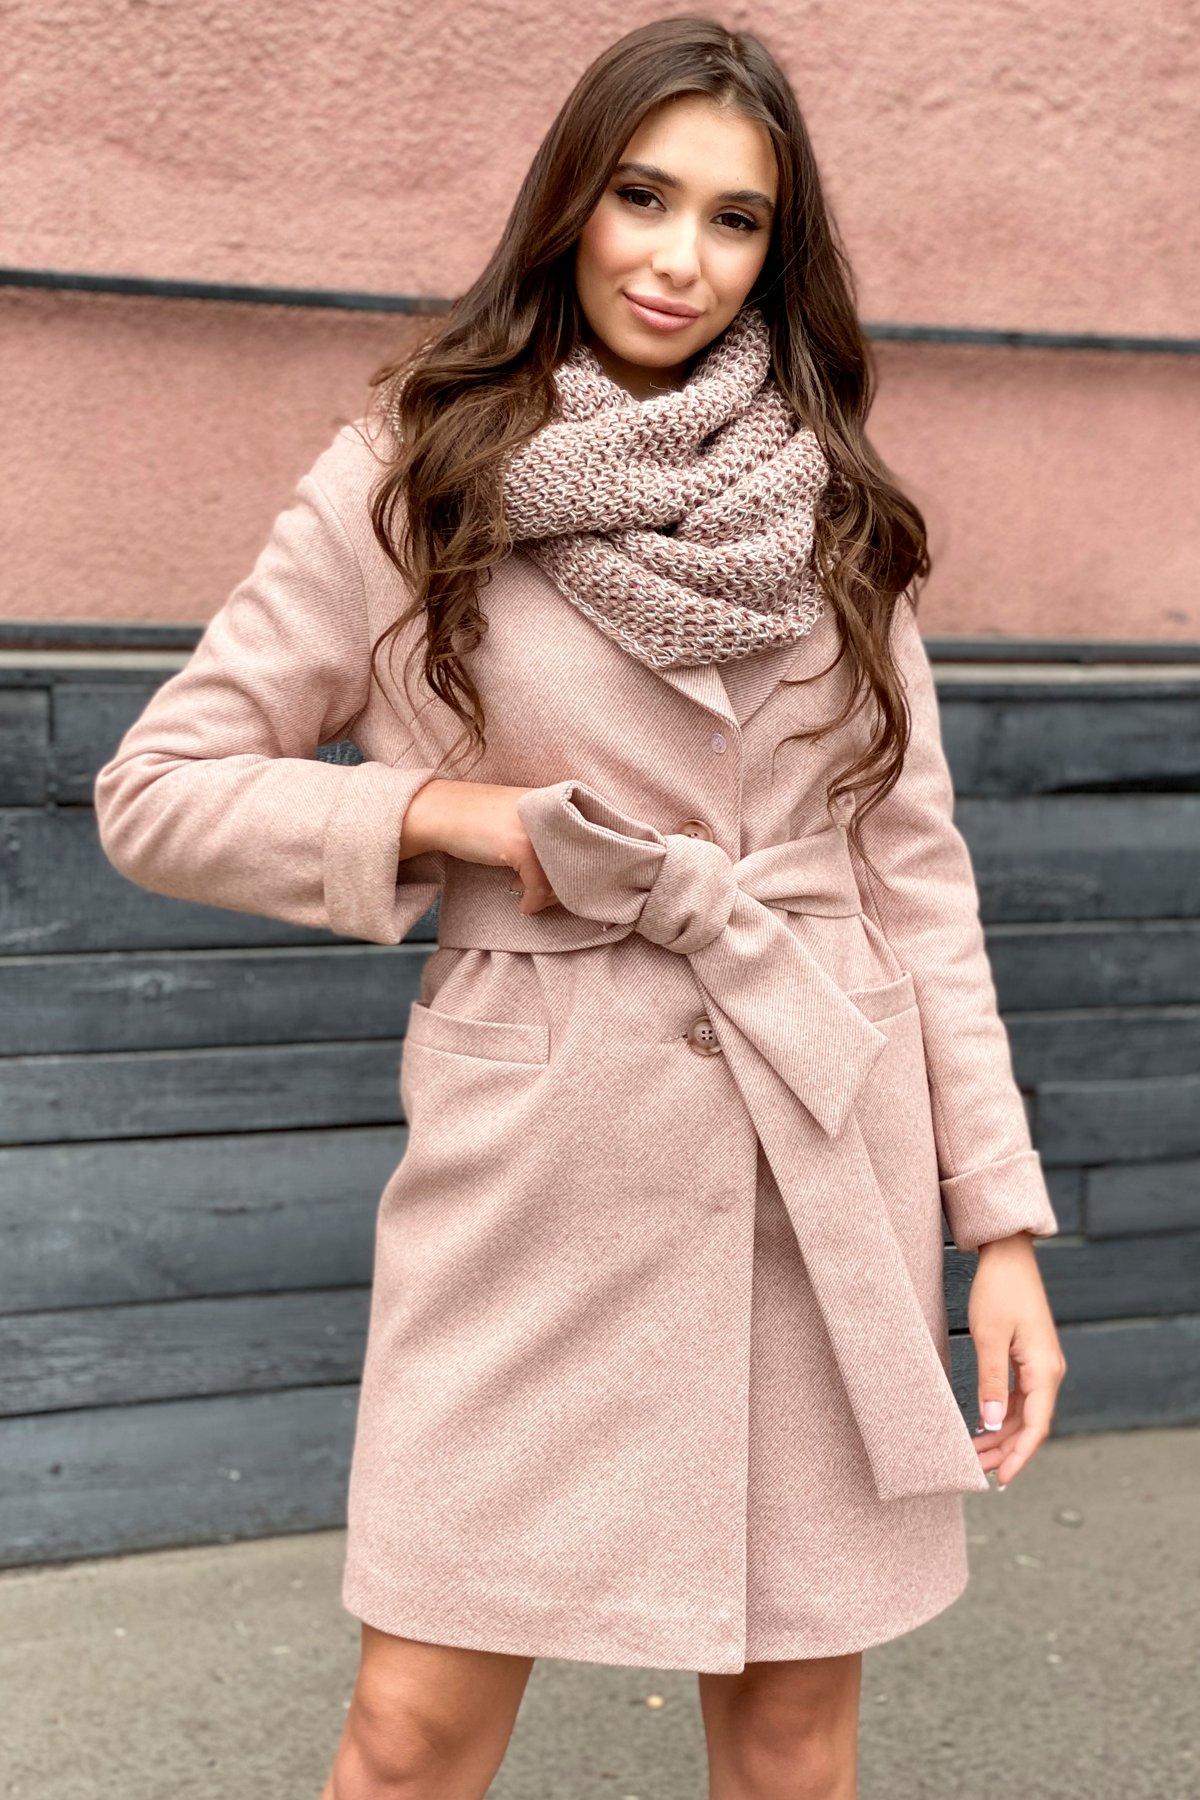 Зимнее утепленное пальто диагональ Вива 8243 АРТ. 44280 Цвет: Бежевый - фото 5, интернет магазин tm-modus.ru